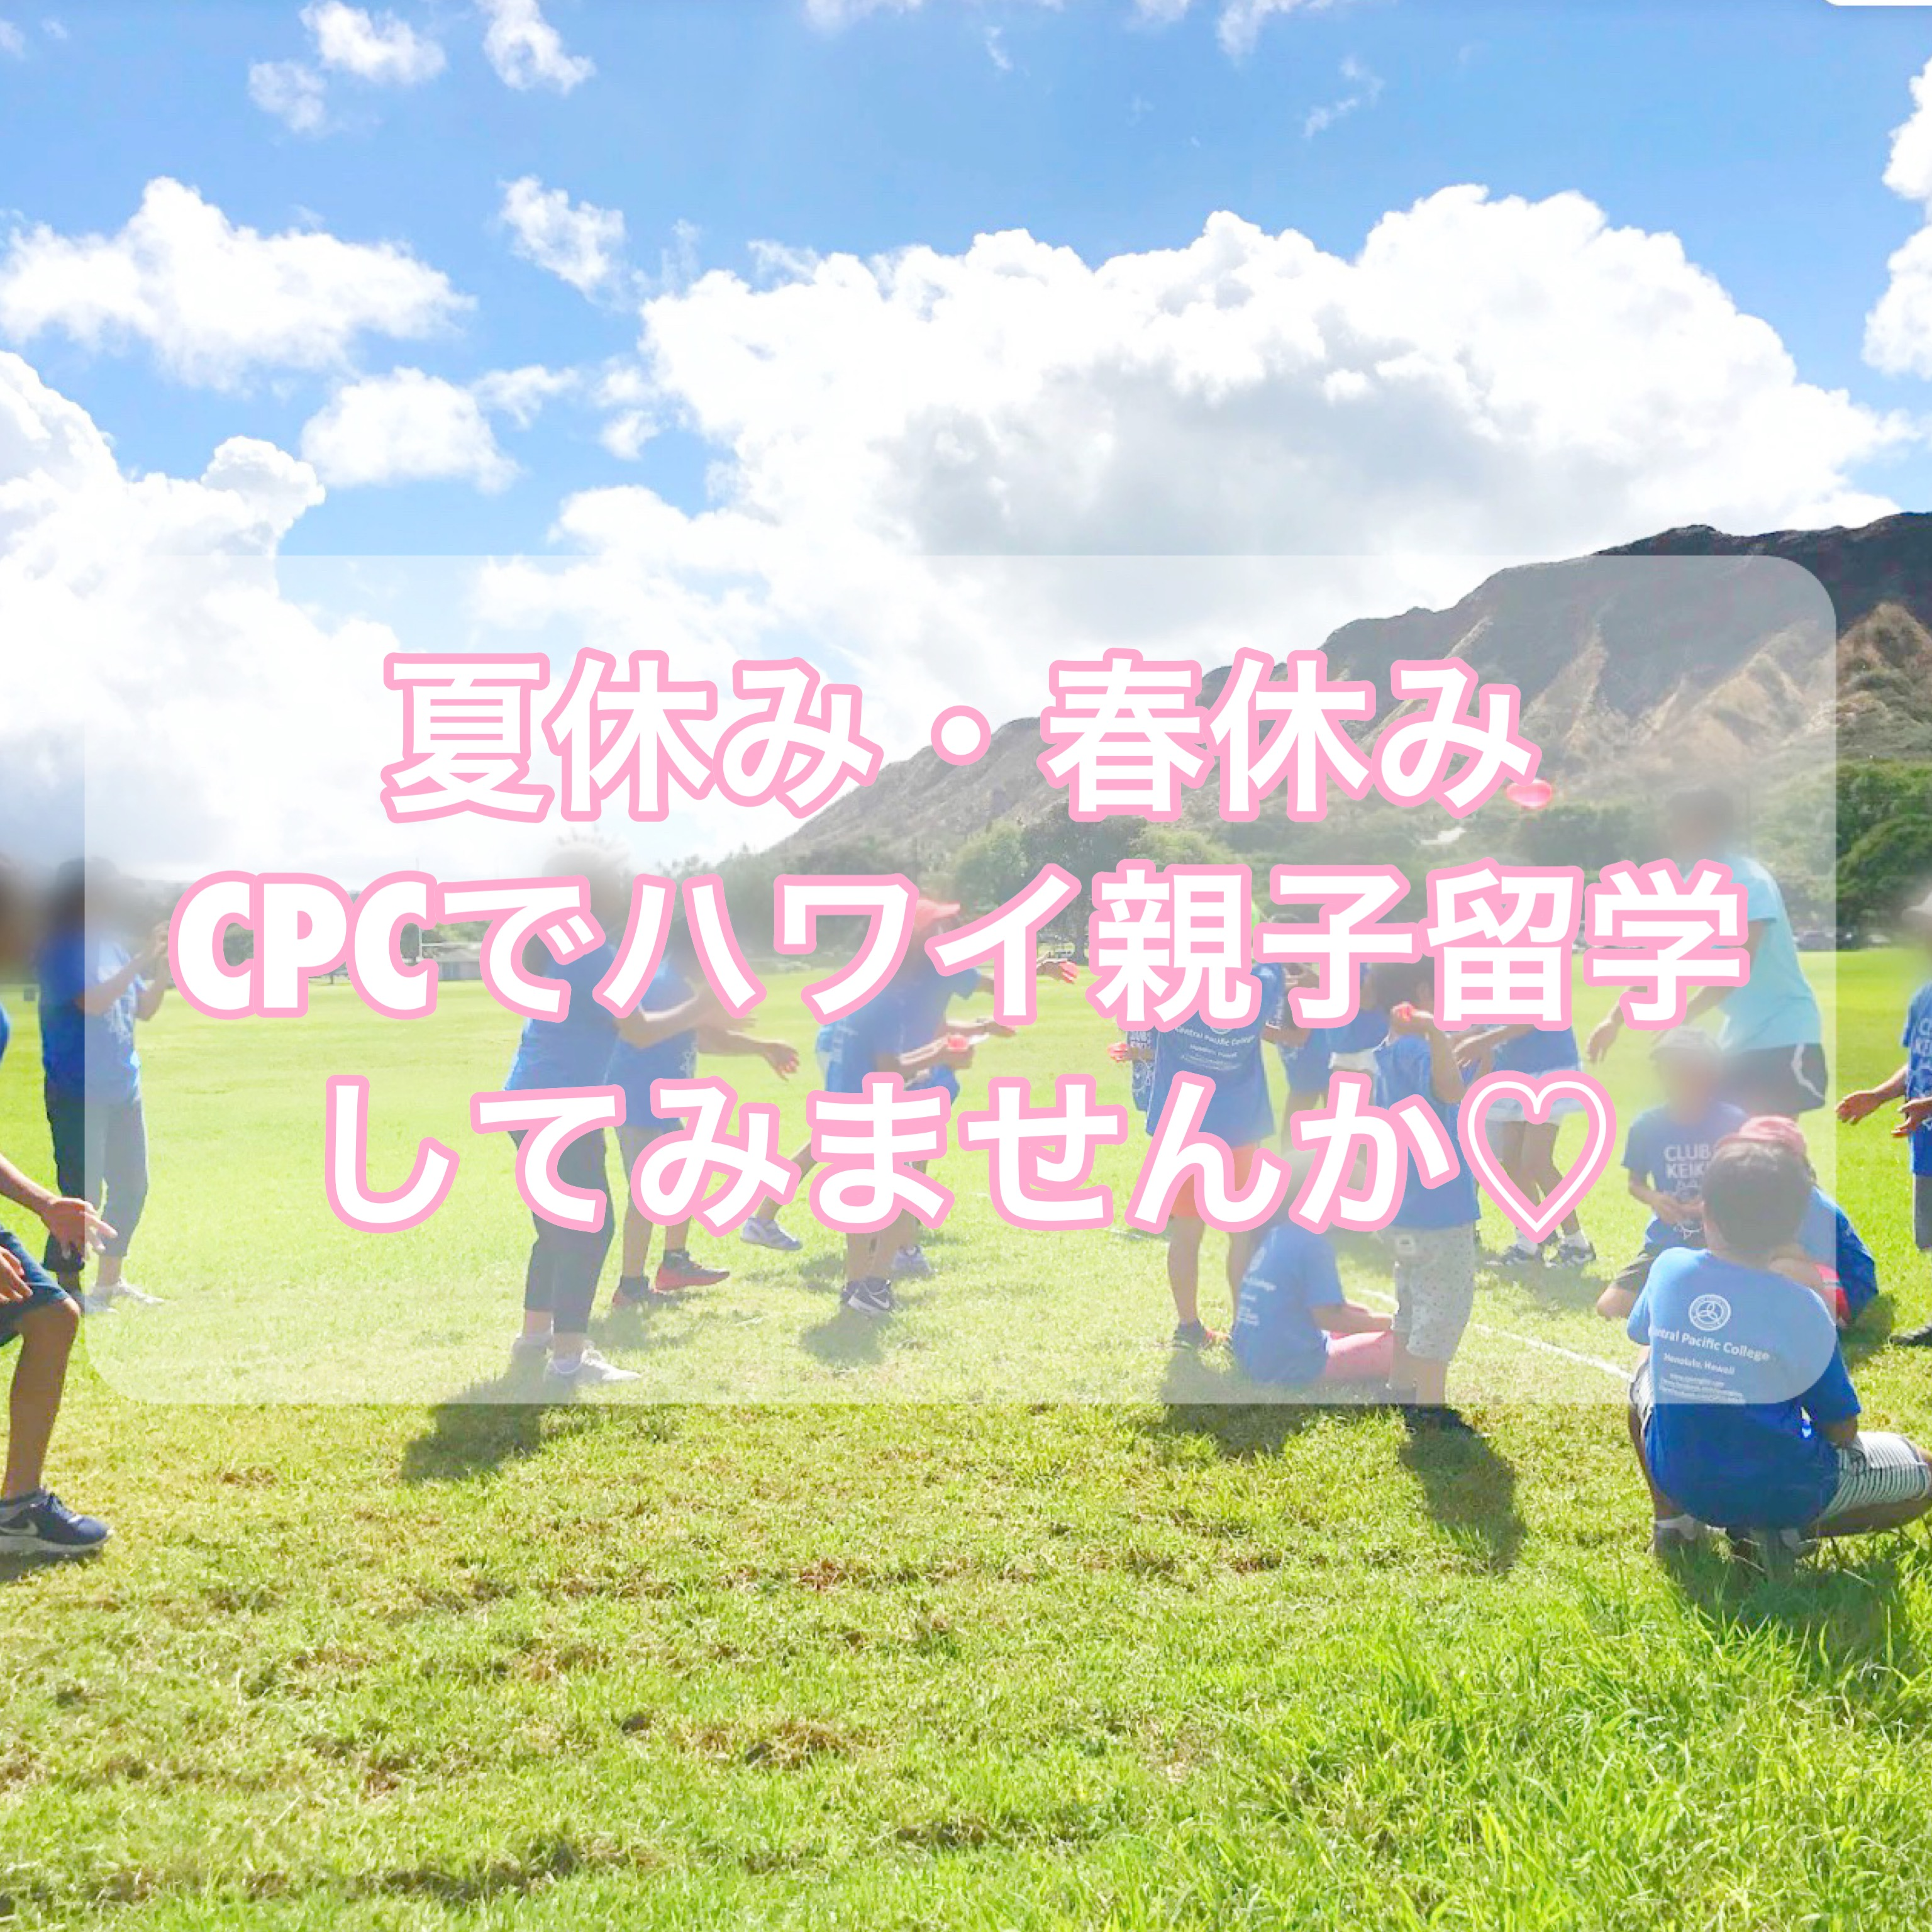 【ハワイ親子留学】夏休み・春休みにCPCキッズプログラム「クラブケイキ」【費用】